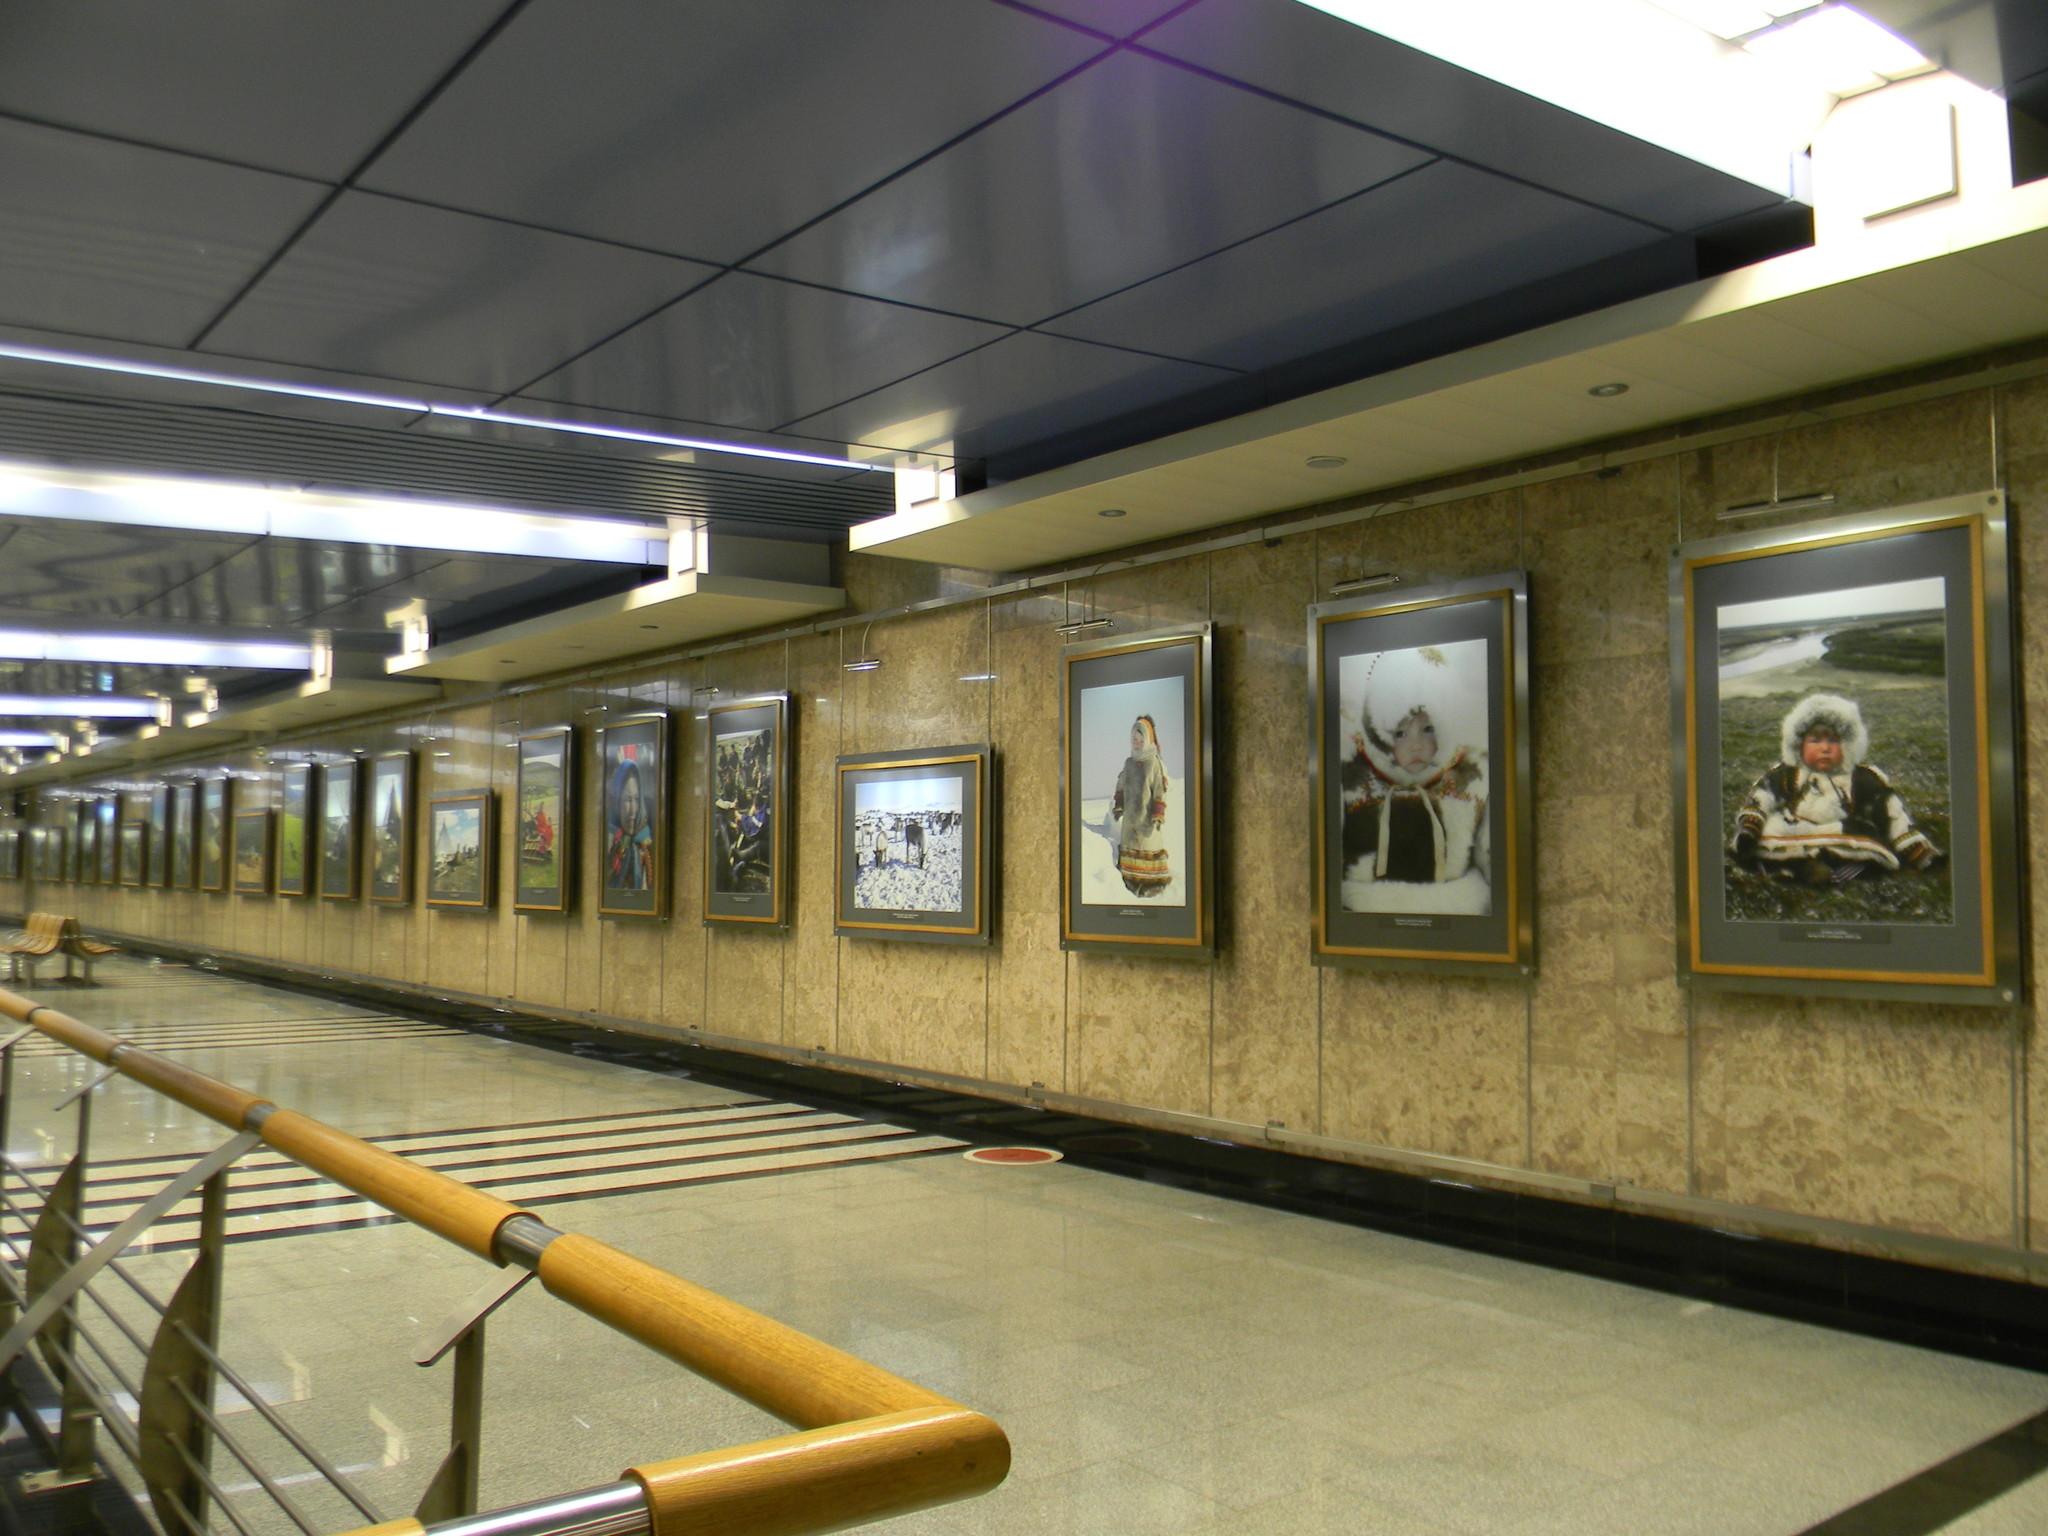 Выставка в галерее «Метро» на станции «Выставочная» Московского метрополитена. Ноябрь 2012 г.